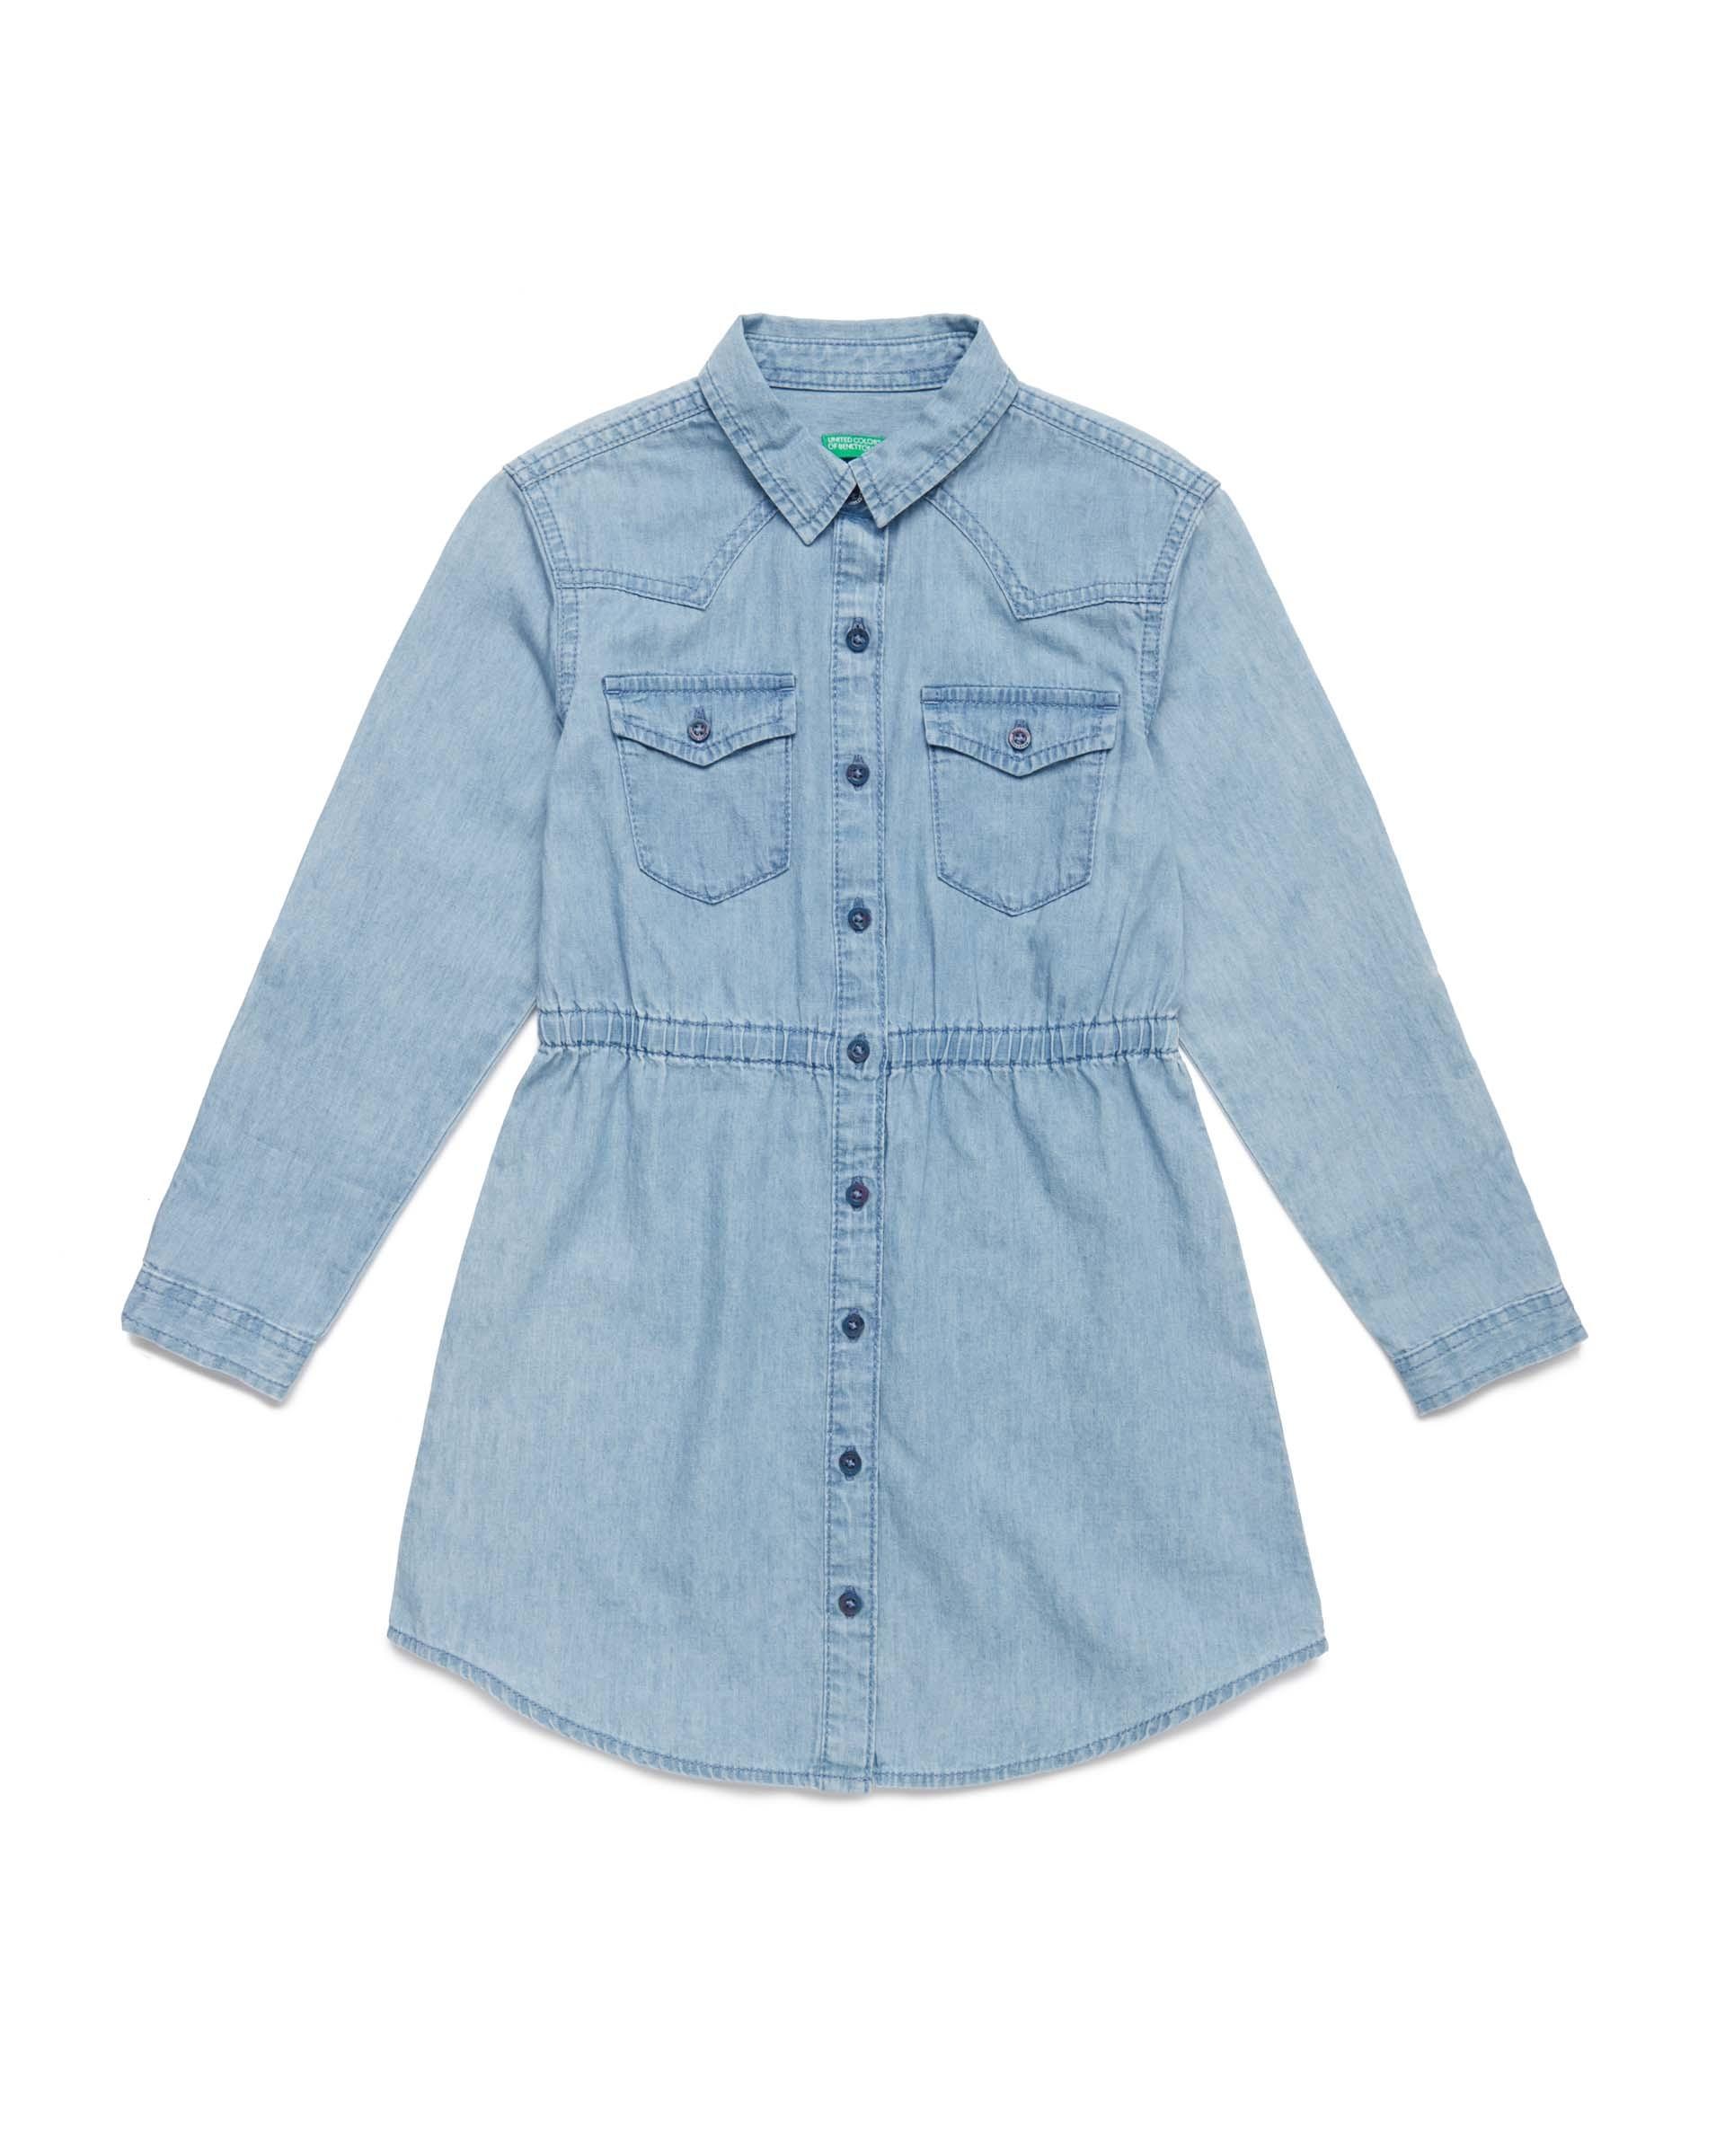 Купить 20P_4DHJ5VDE0_902, Джинсовое платье-рубашка для девочек Benetton 4DHJ5VDE0_902 р-р 158, United Colors of Benetton, Платья для девочек